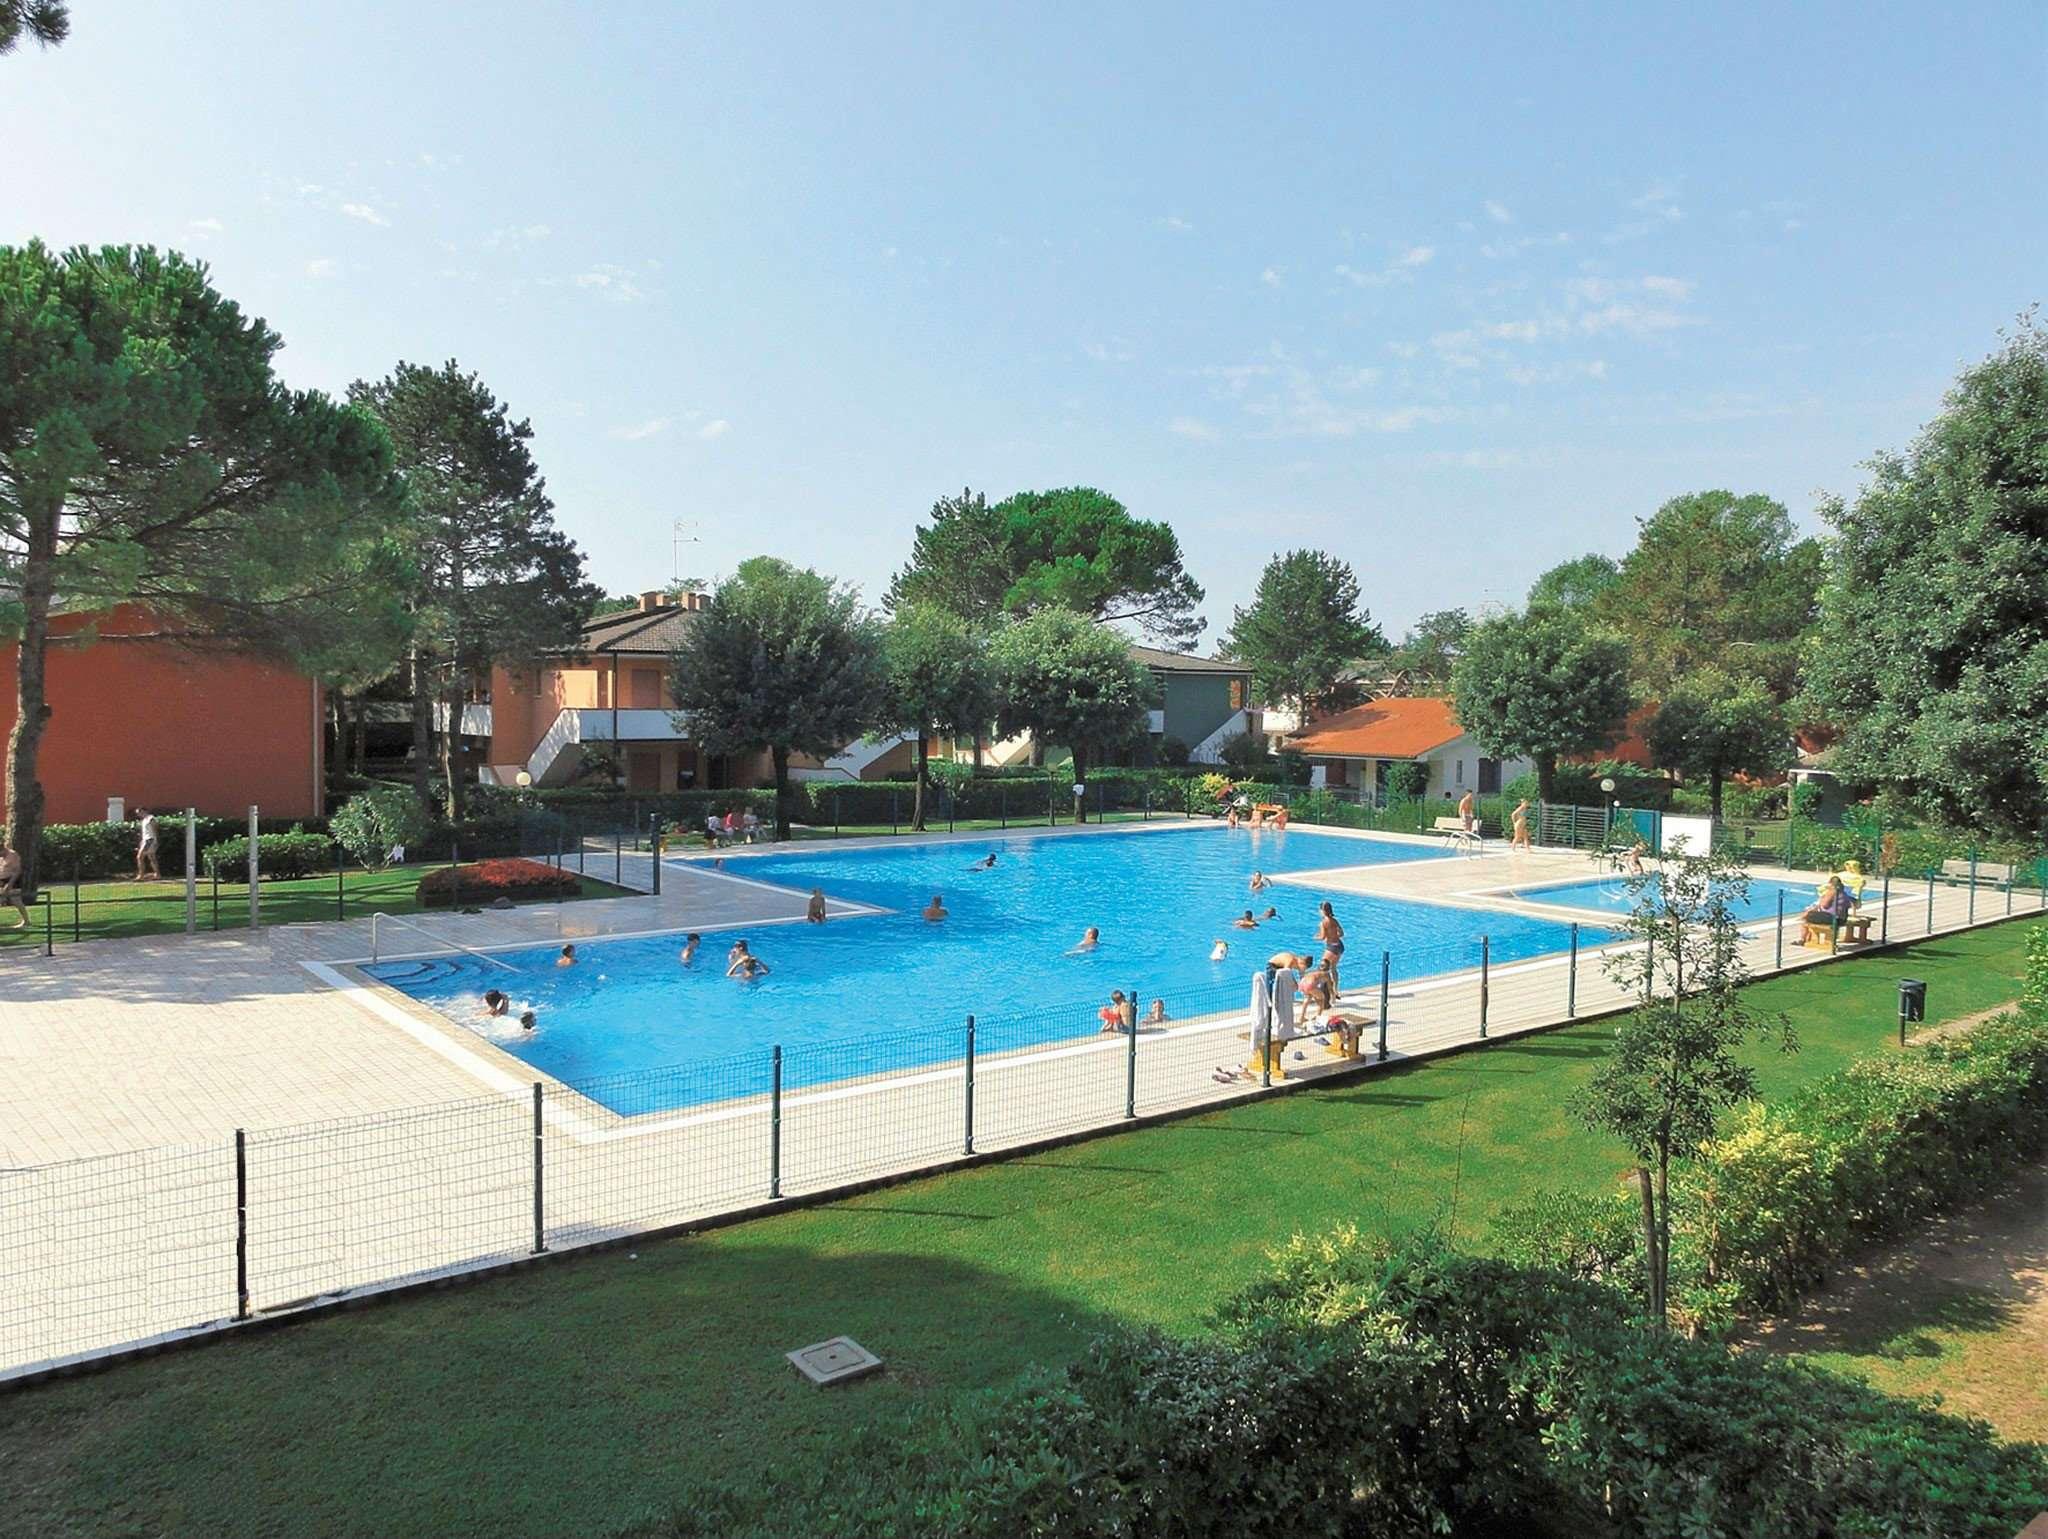 Appartamento in vendita a San Michele al Tagliamento, 2 locali, prezzo € 120.000 | CambioCasa.it